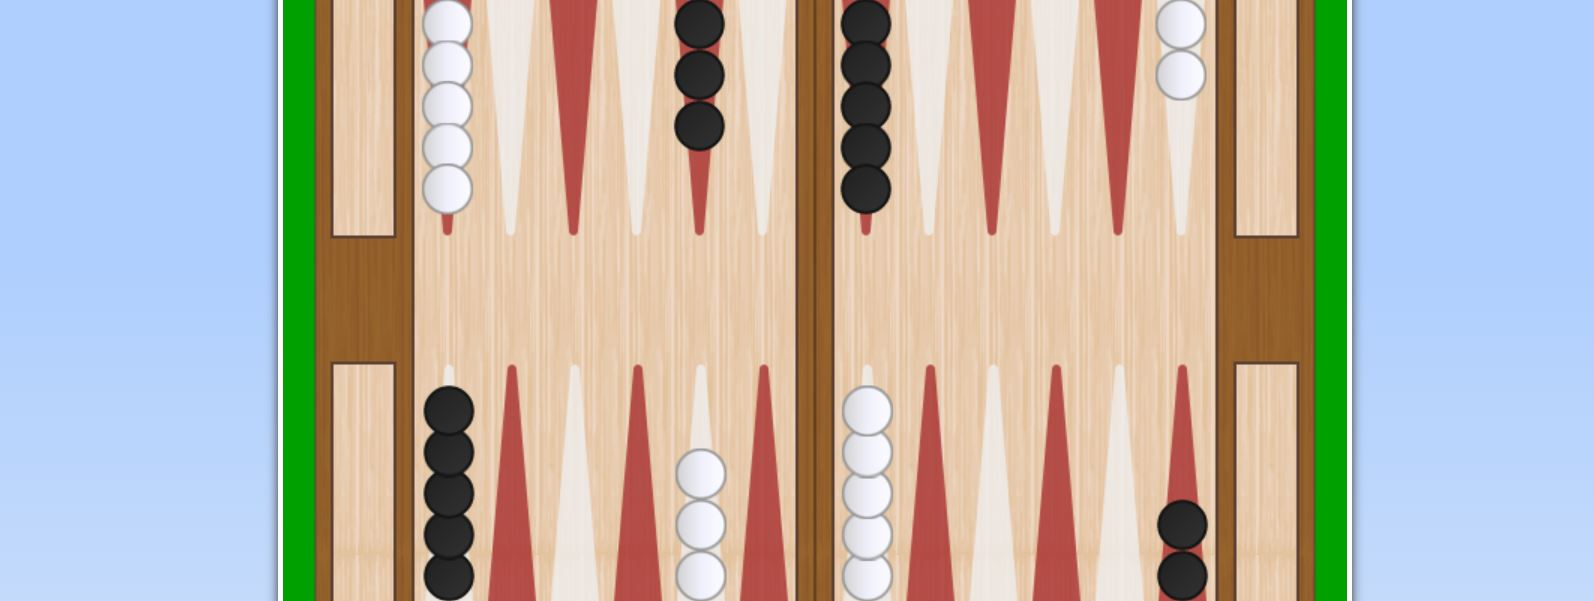 utilizar estrategias de backgammon te ayuda a obtener beneficios.